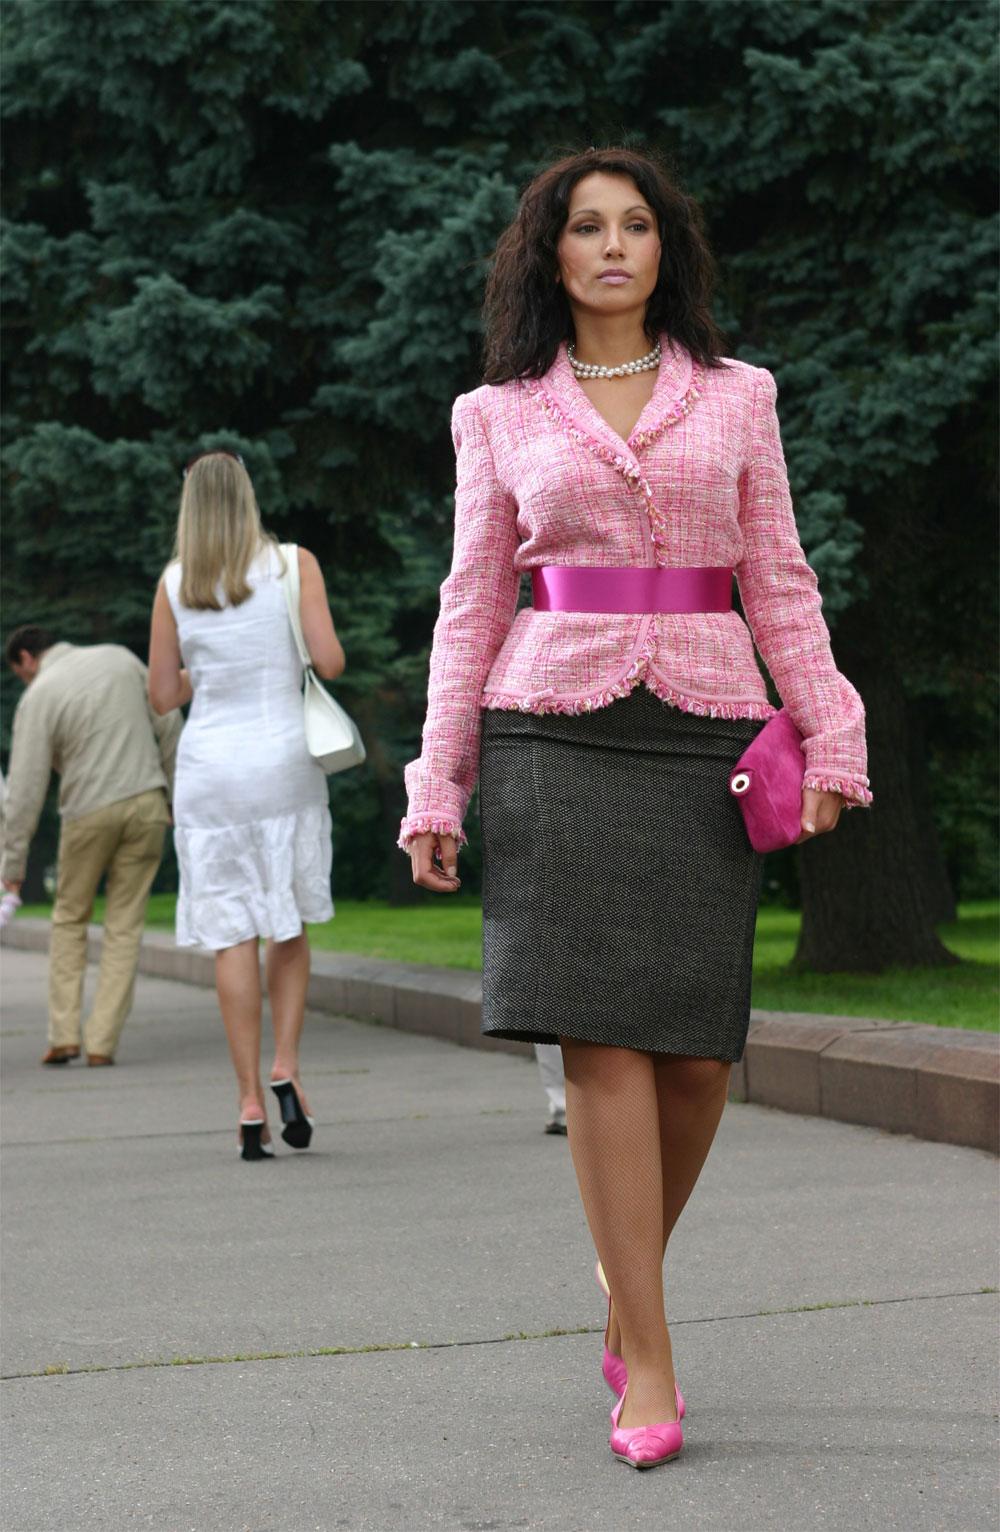 Анфиса Чехова - Anfisa Chehova фото 259715.